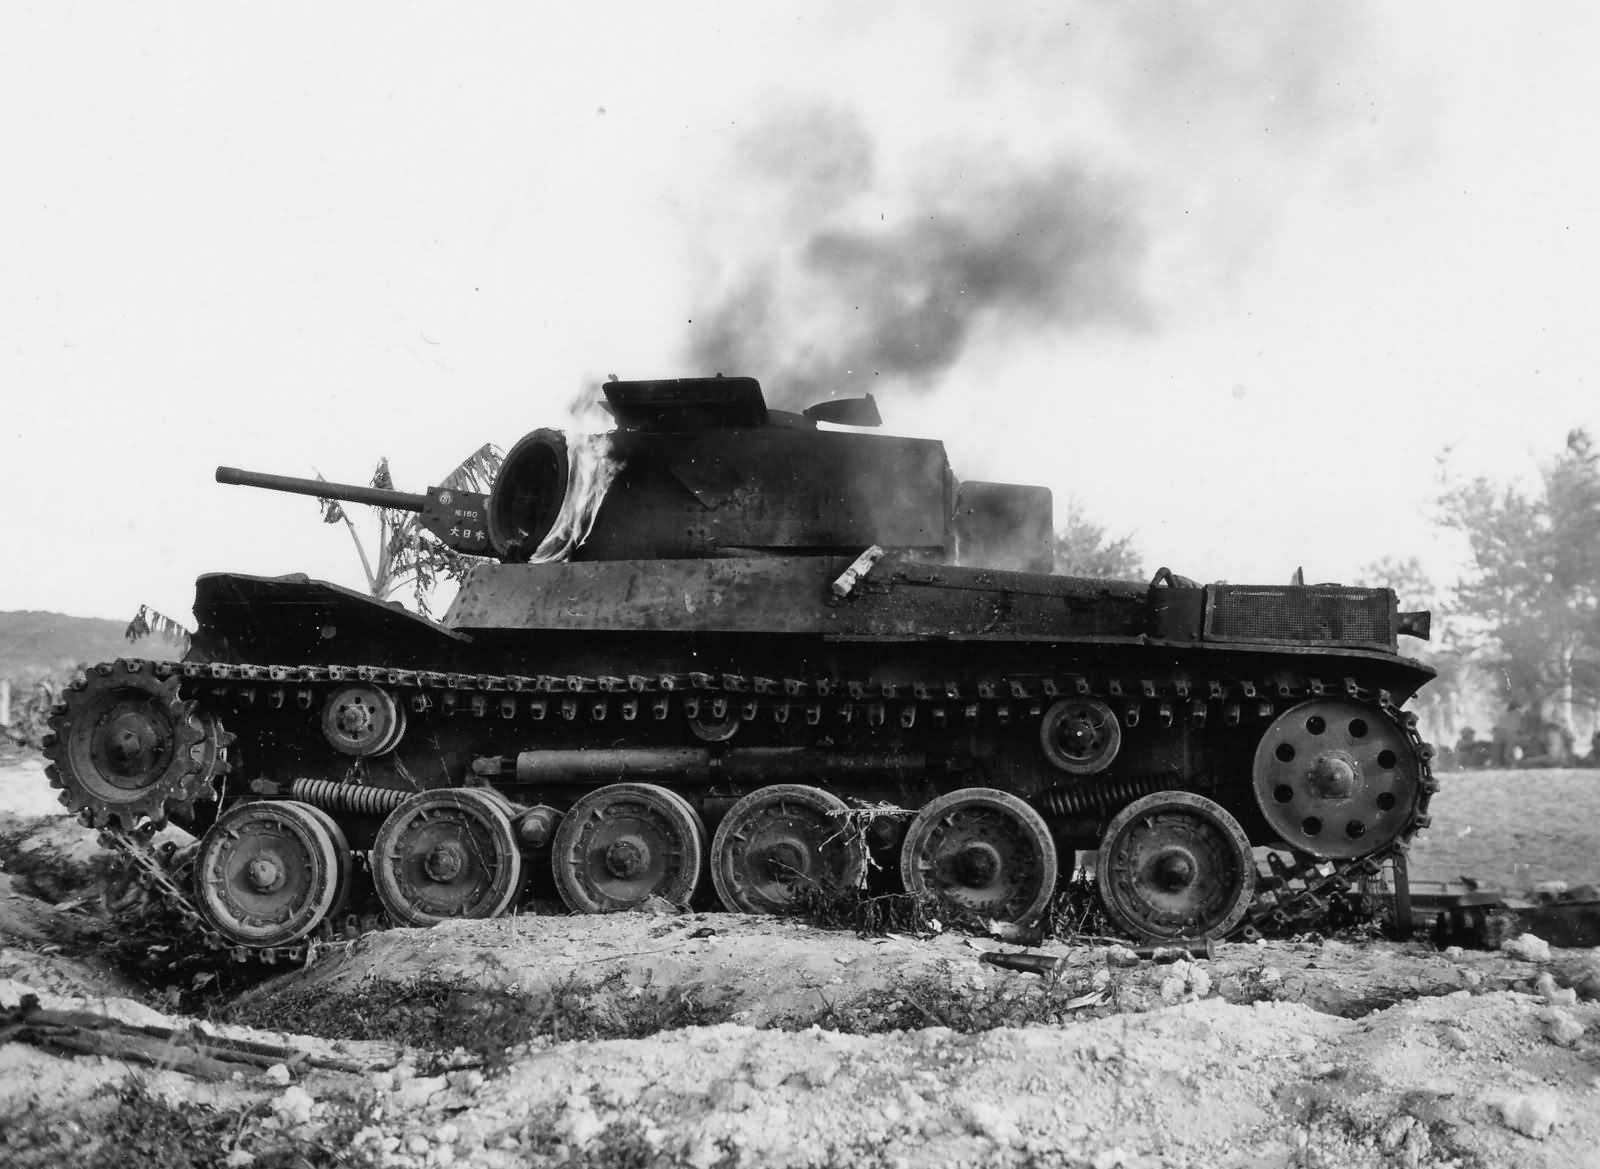 Type 97 chi-ha - описание, гайд, вики, советы для среднего танка type 97 chi-ha из игры мир танков на сайте wiki.wargaming.net